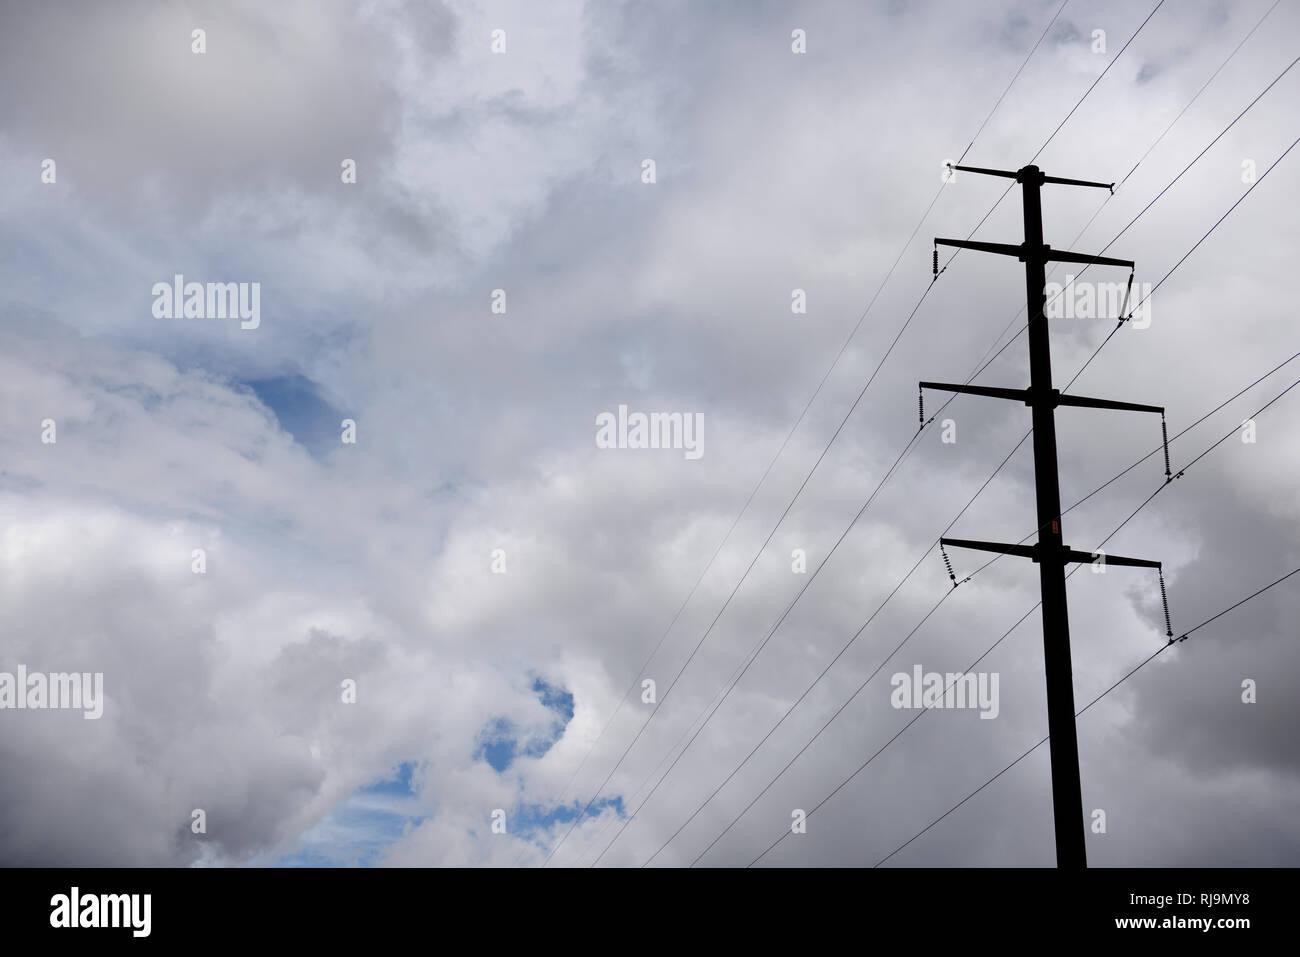 Hoch Edelstahl strom Pylon, Hochspannungsleitungen gegen einen stürmischen Himmel im Norden von Texas, USA. Stockbild